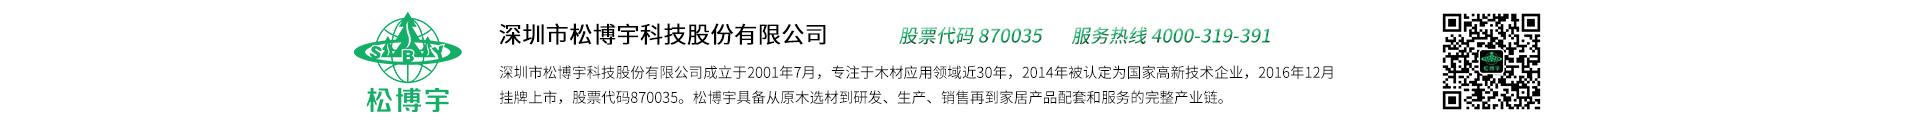 深圳市鬆博宇科技股份有限公司